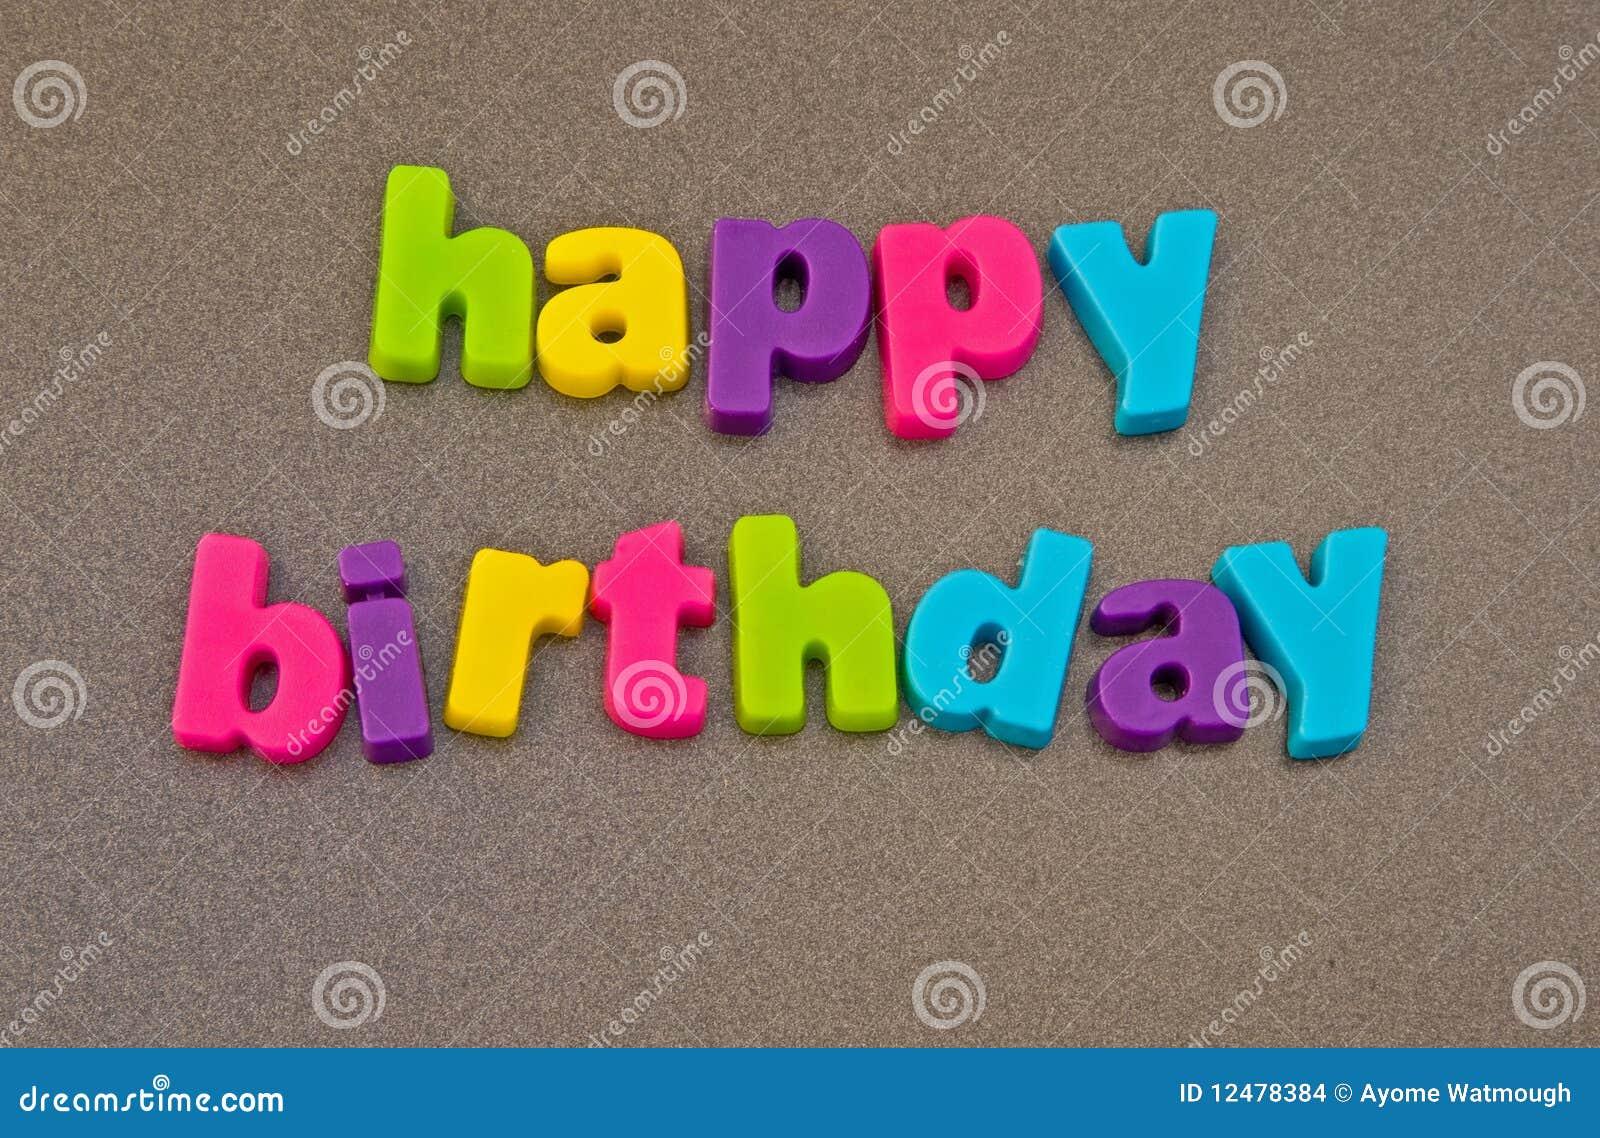 Alles Gute zum Geburtstagmeldung.